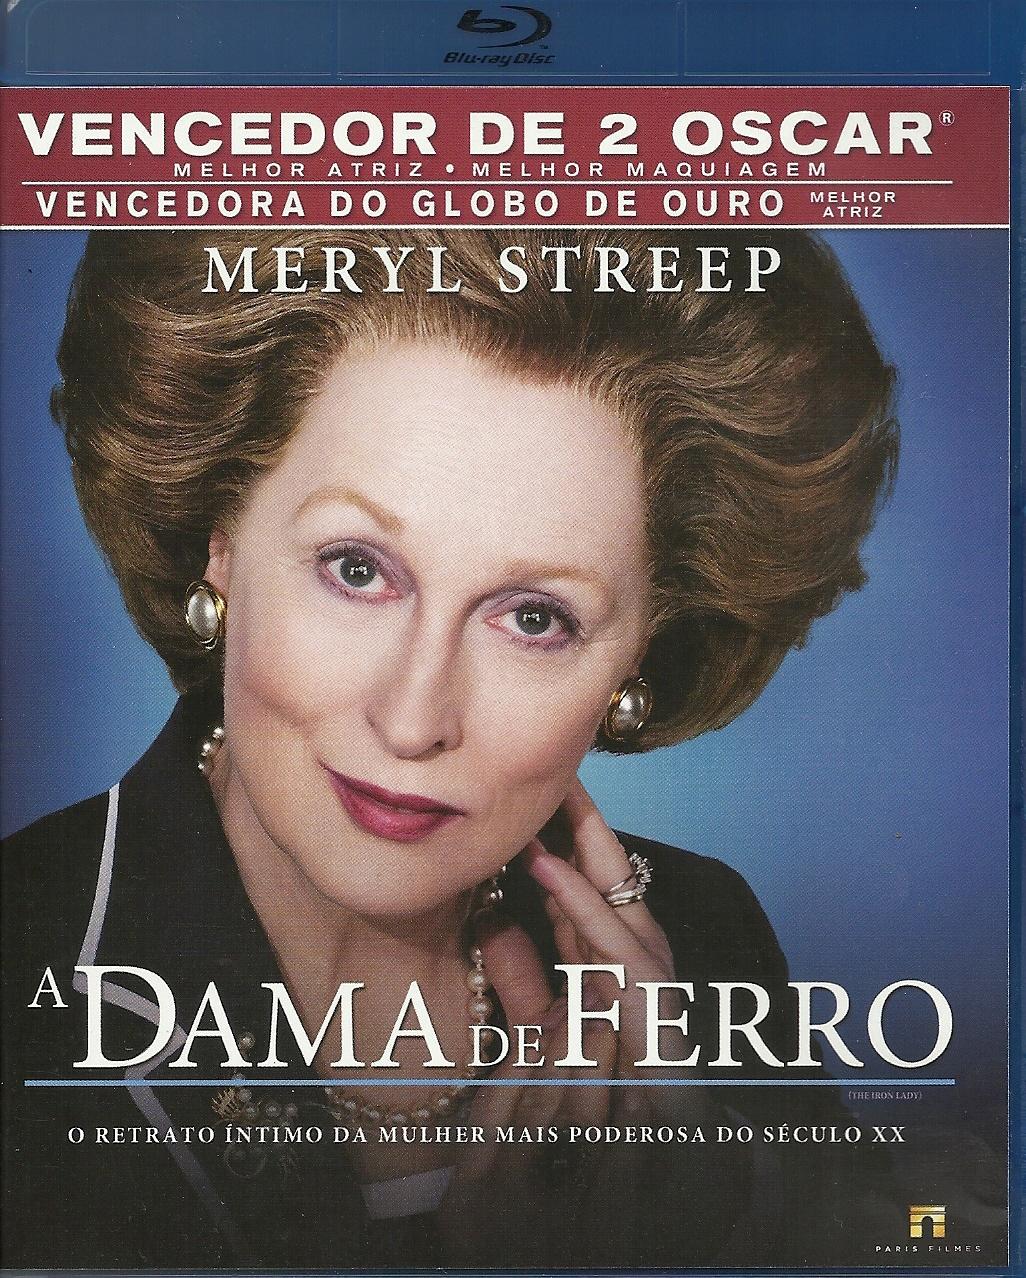 http://4.bp.blogspot.com/-gccK7geA8Aw/T9im16SRLII/AAAAAAAAEt8/zULAw-6fQQo/s1600/A+Dama+de+Ferro.jpg